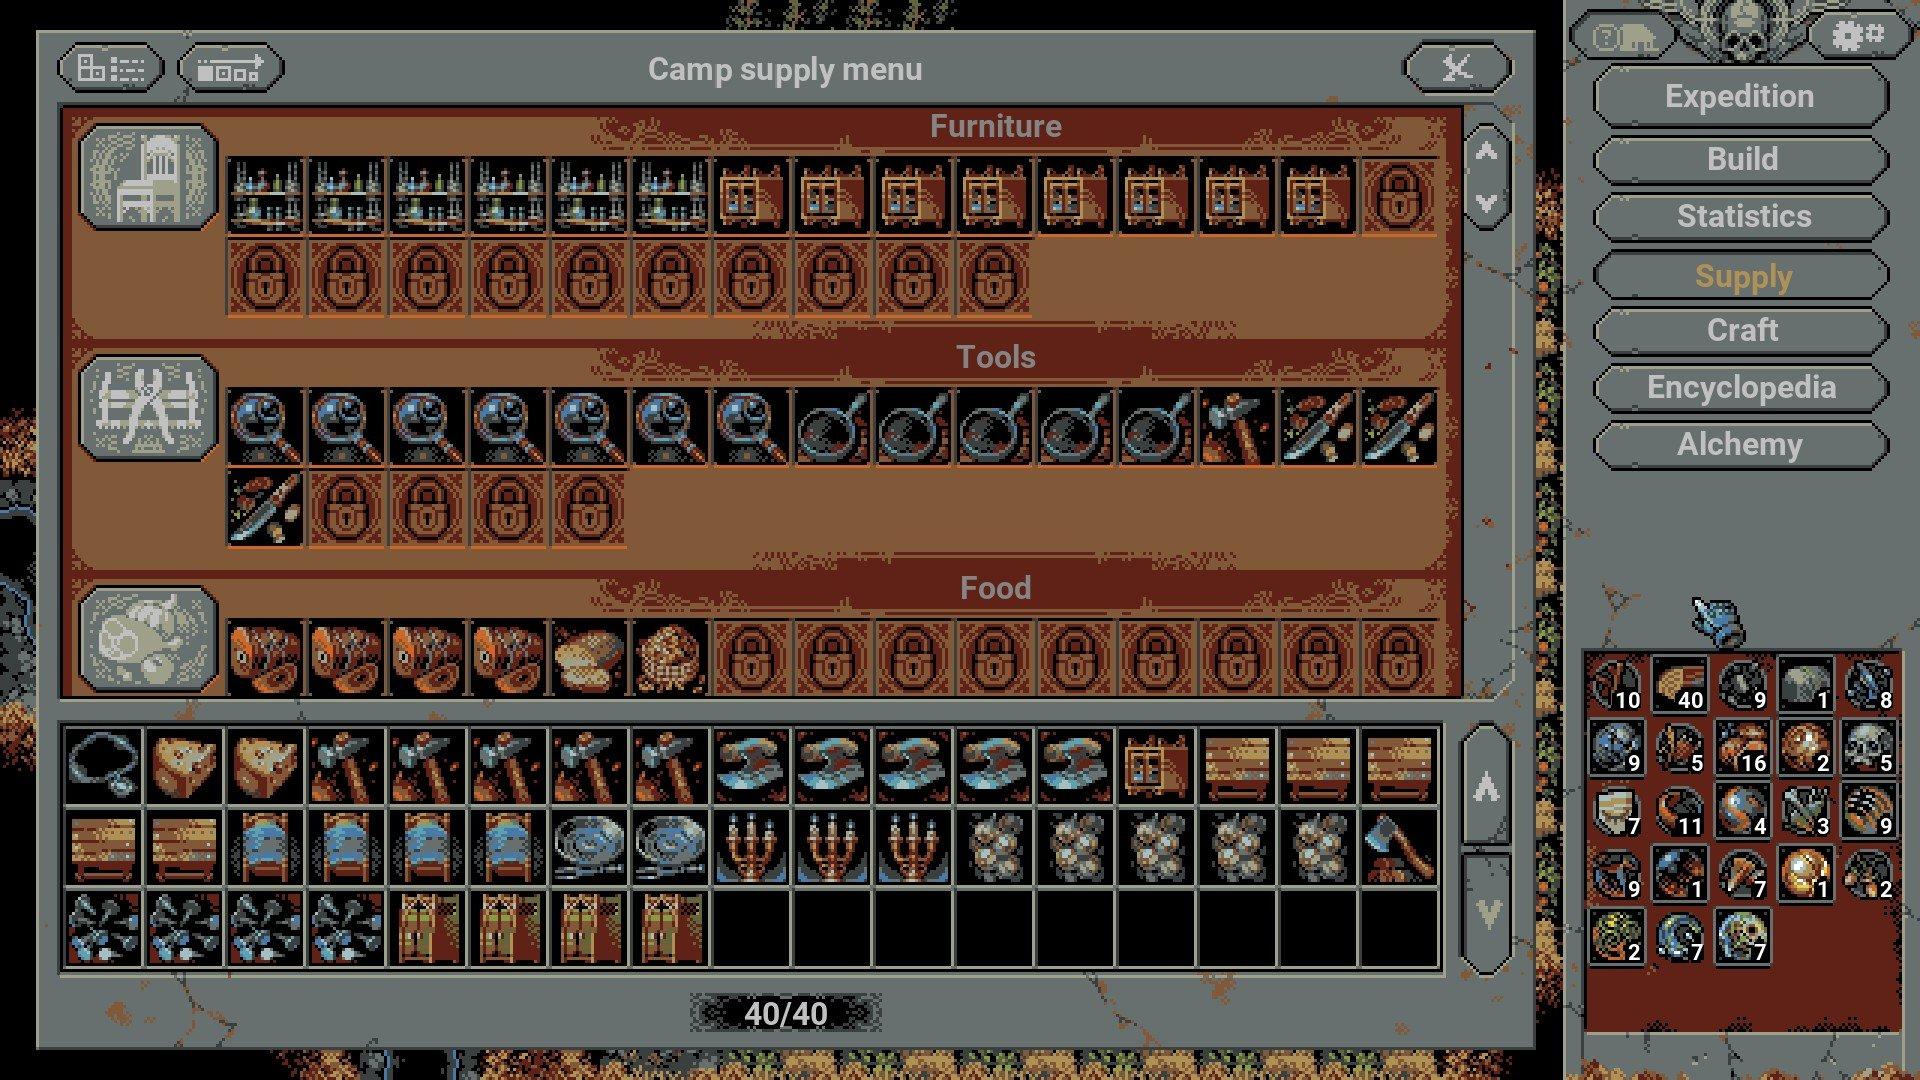 Loop Hero - Chapter 4 Supply Items